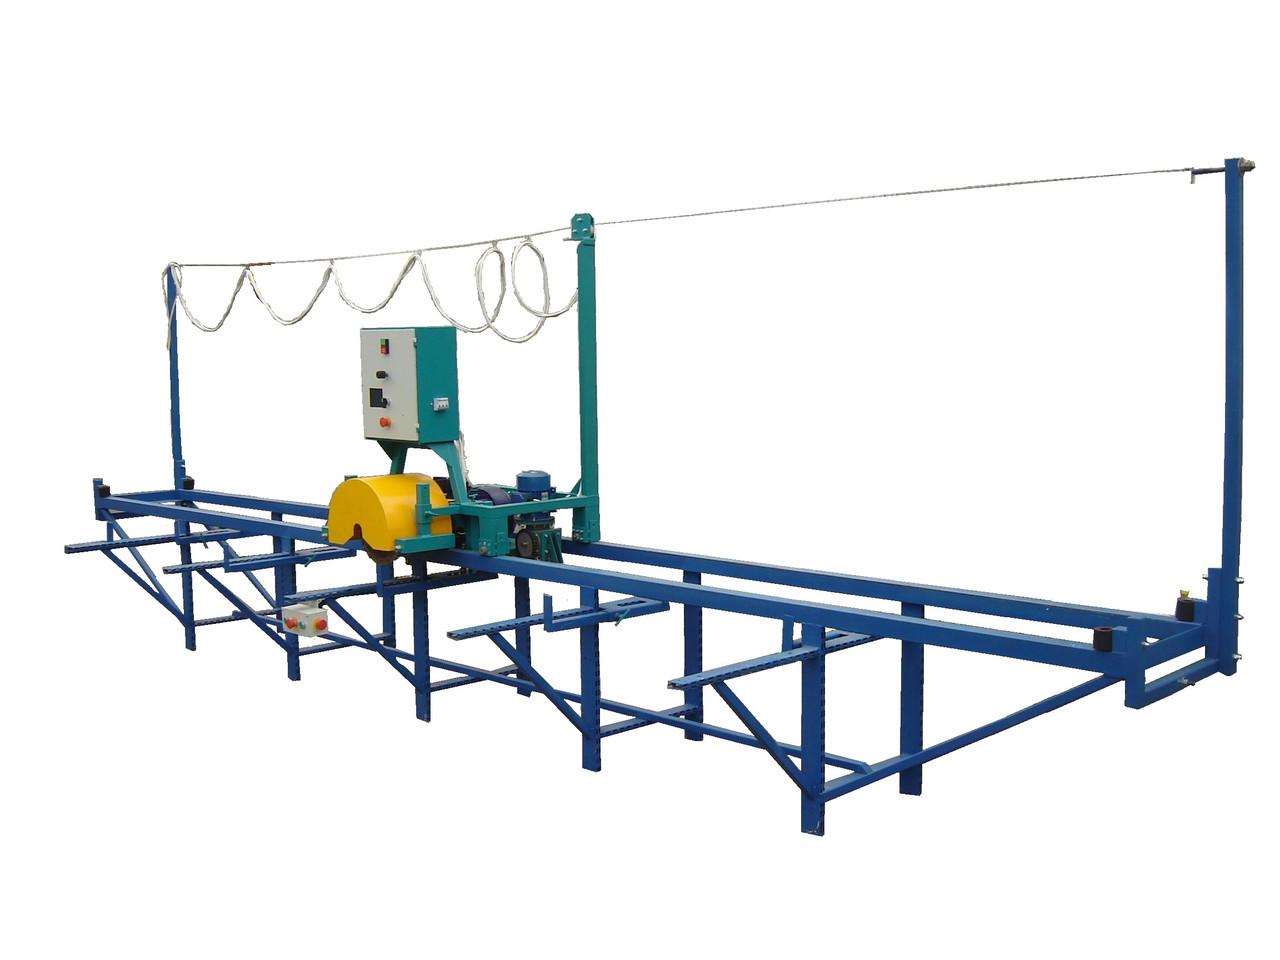 Продольнопильный (прирезной) станок EL-350, продольно-пильный станок, многопил - Z-Group Engineering в Черкассах